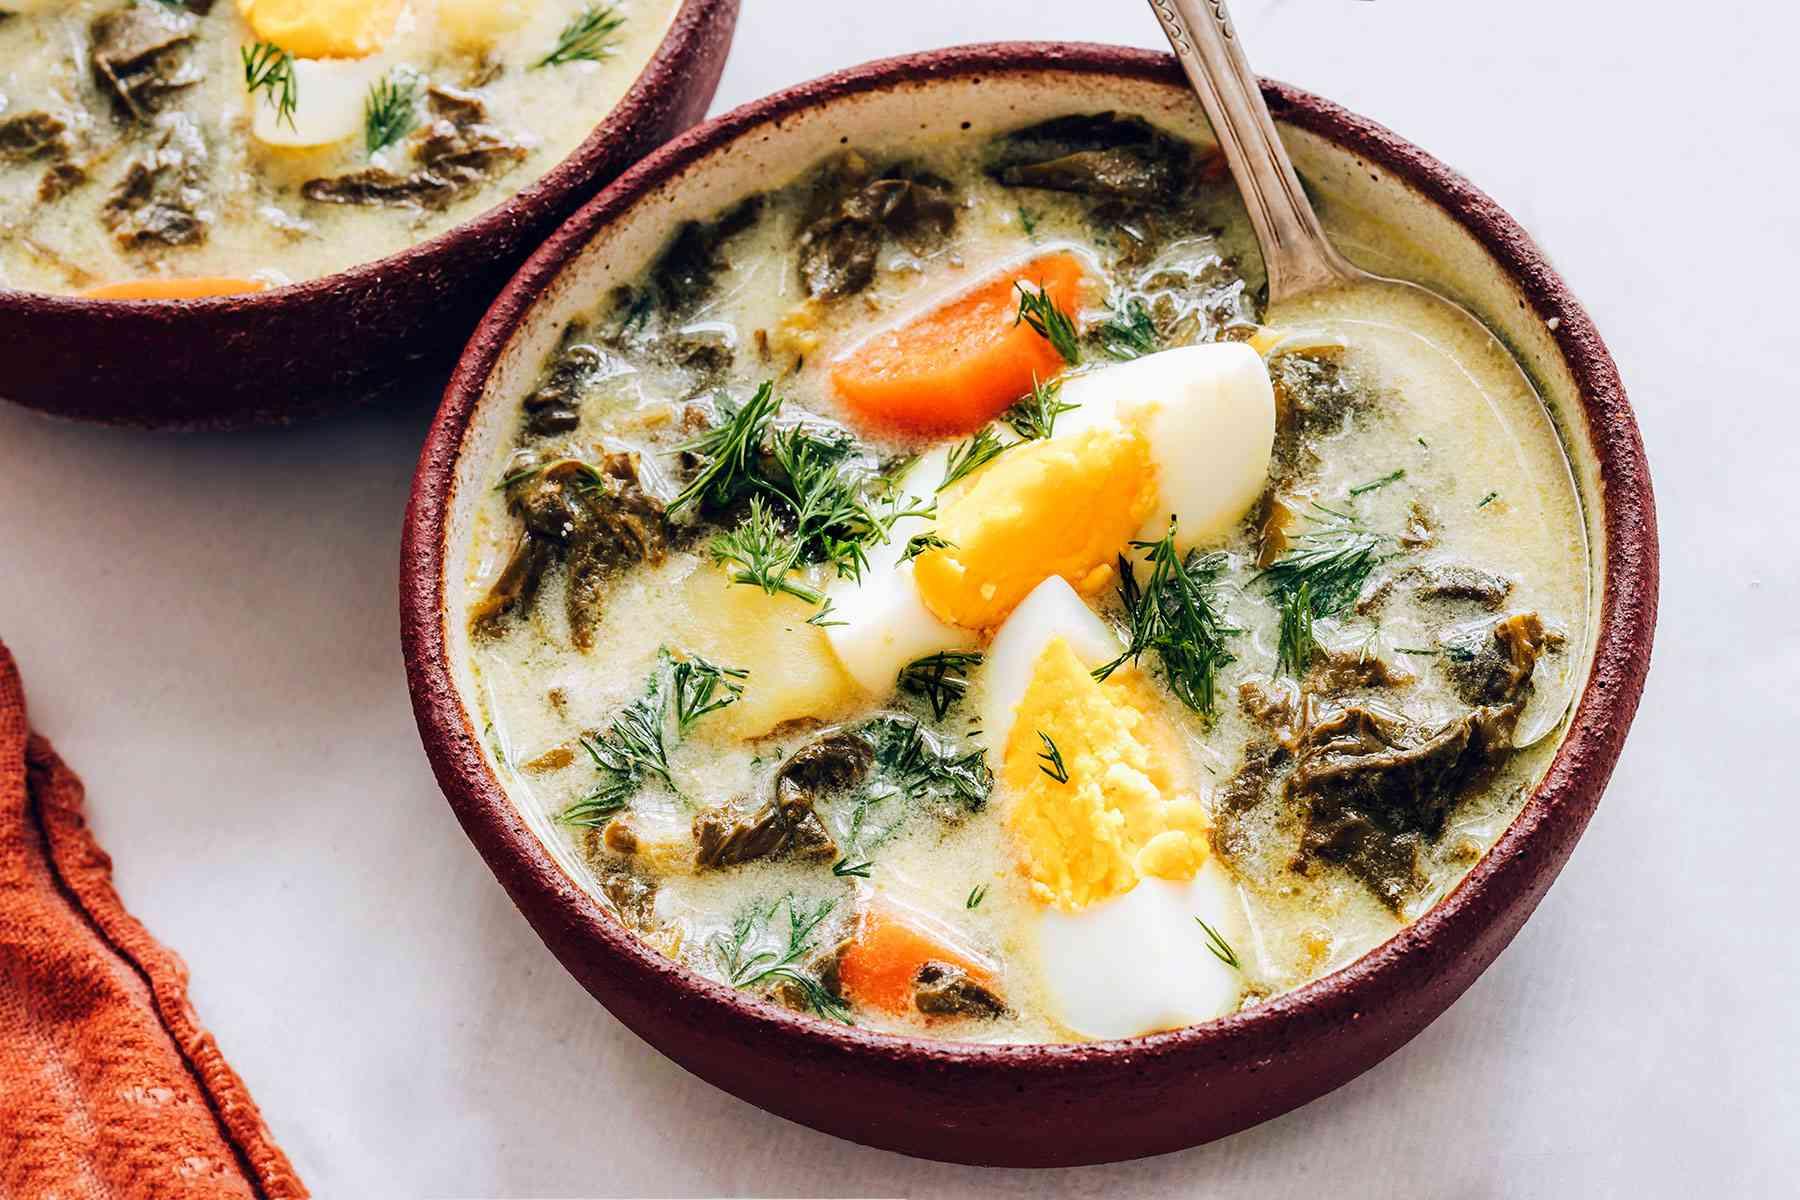 Polish Sorrel Soup served in a bowl